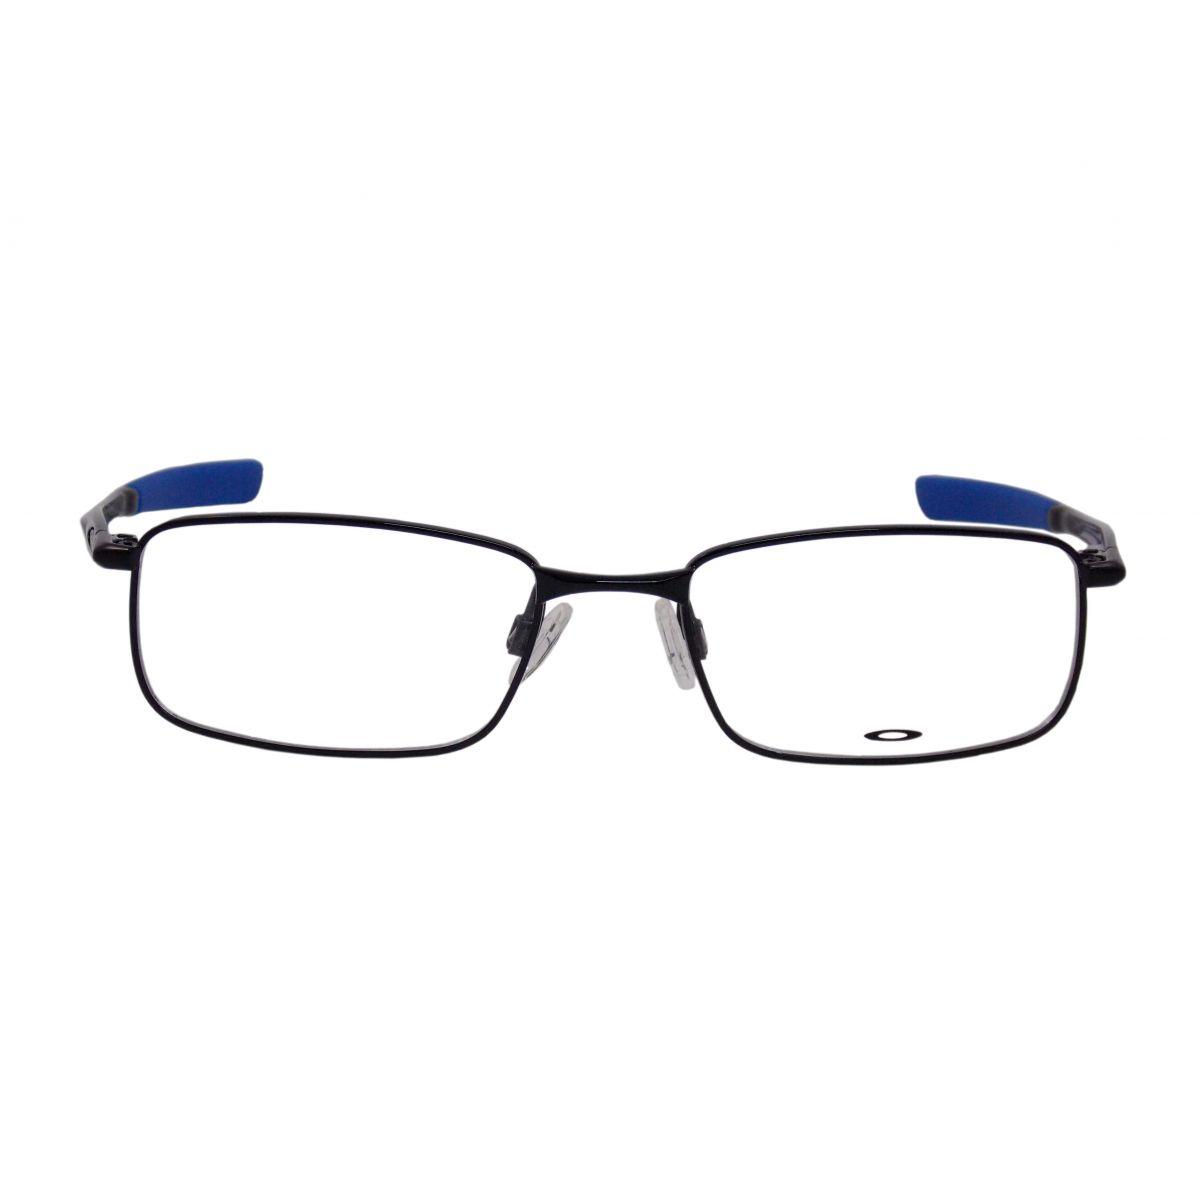 5c8fb3088e2c0 Óculos De Grau Oakley OX3166 03 Tam.51Oakley OriginalOakley de ...